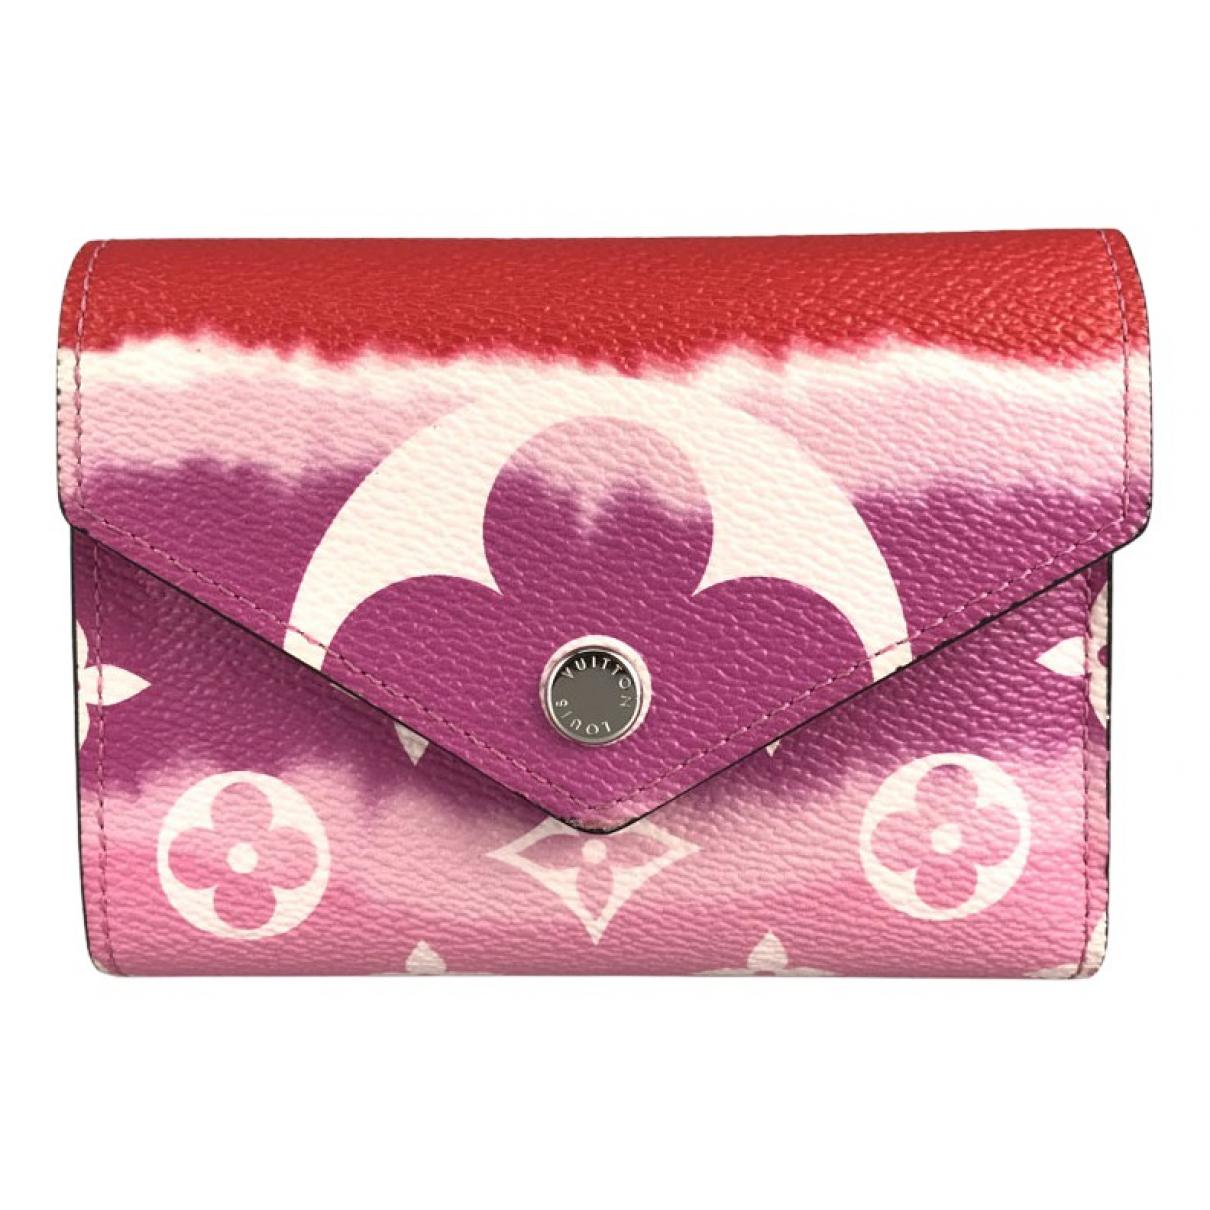 Louis Vuitton - Portefeuille Victorine pour femme en toile - rose